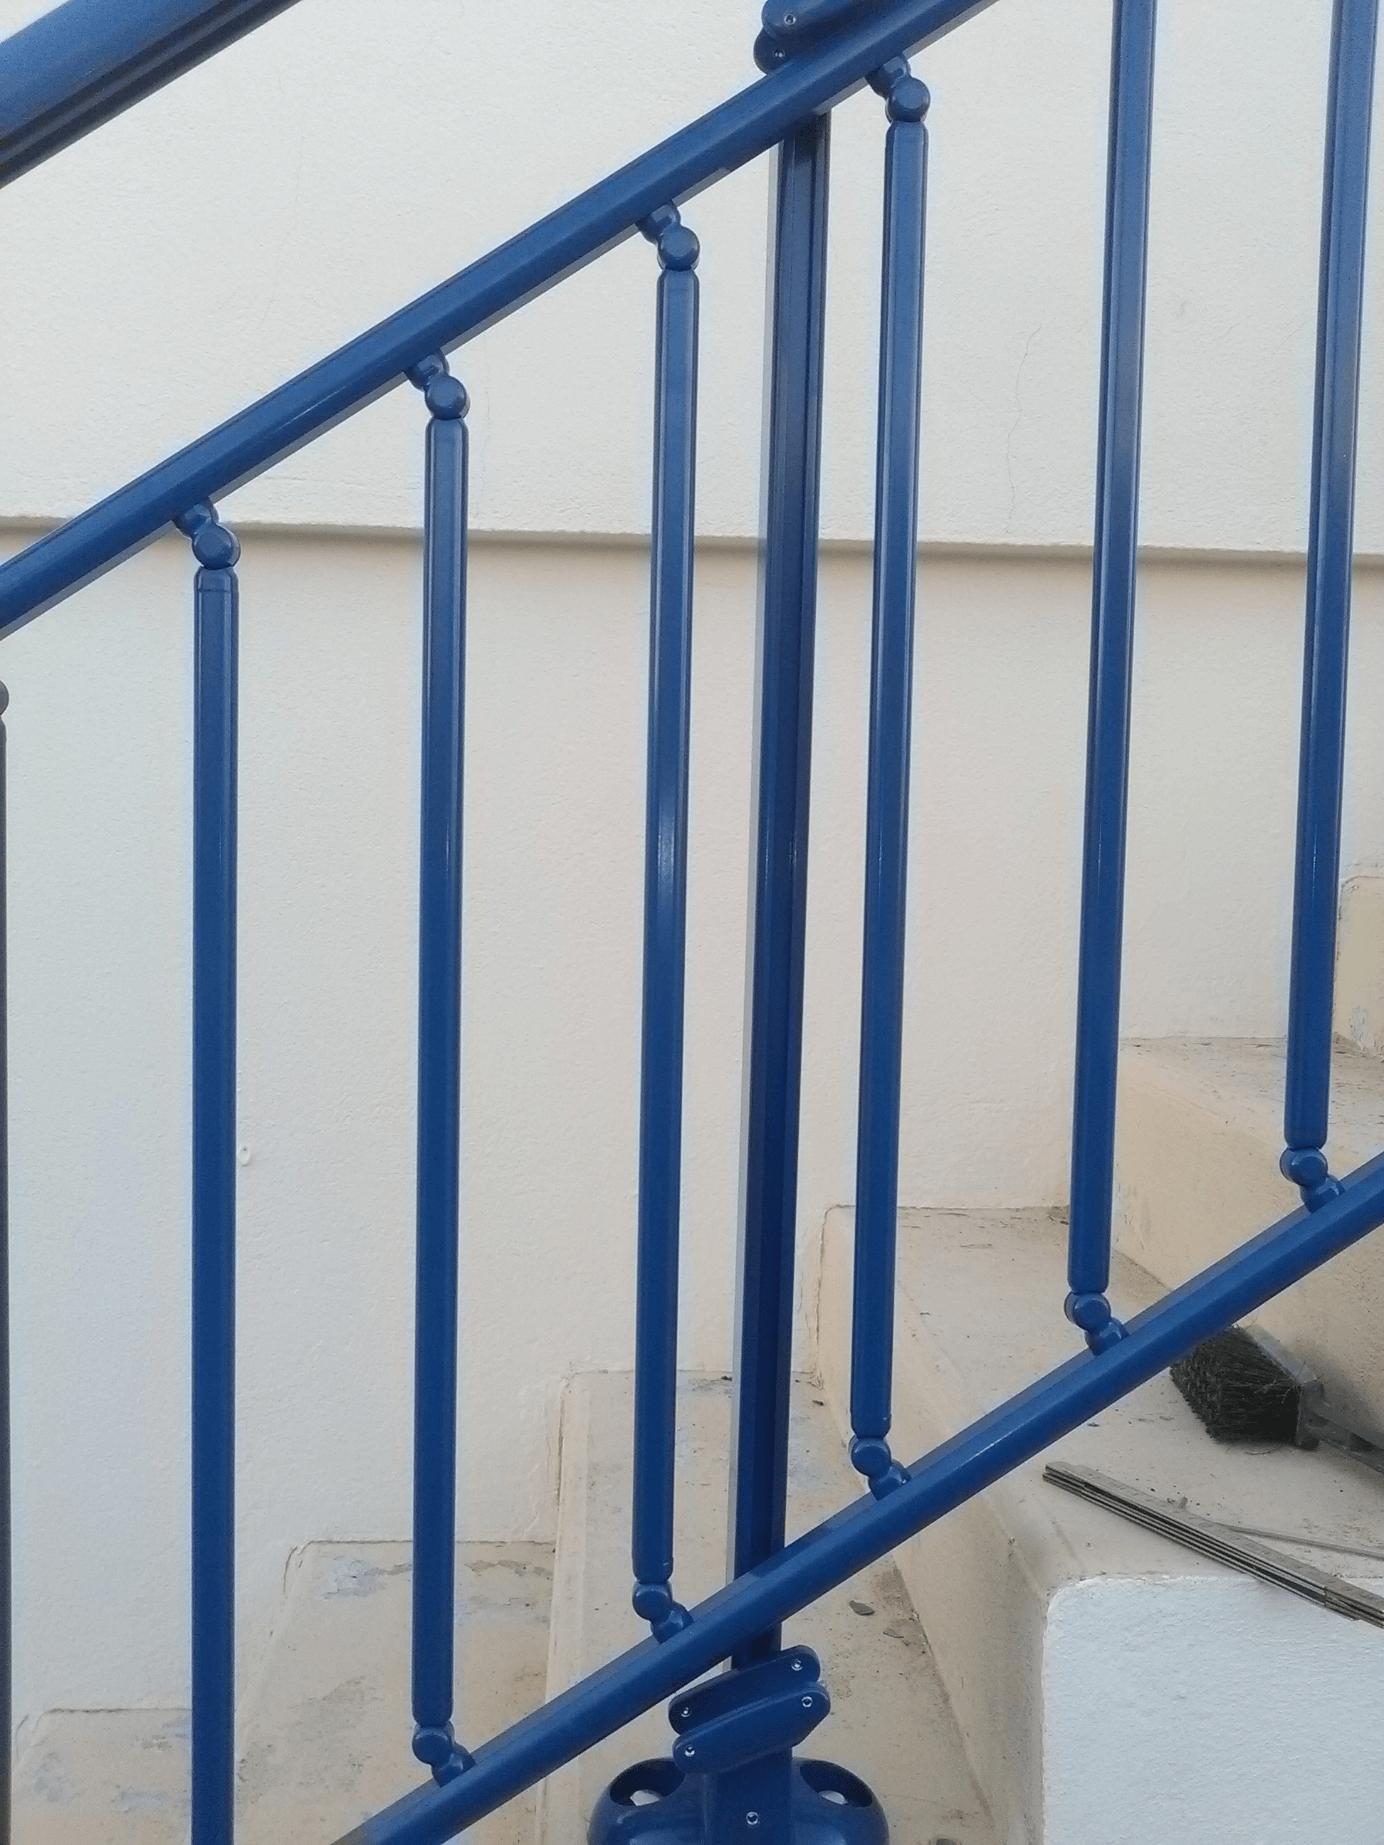 pose rampe d 39 escalier bleu 5010 par solabaie rochefort. Black Bedroom Furniture Sets. Home Design Ideas